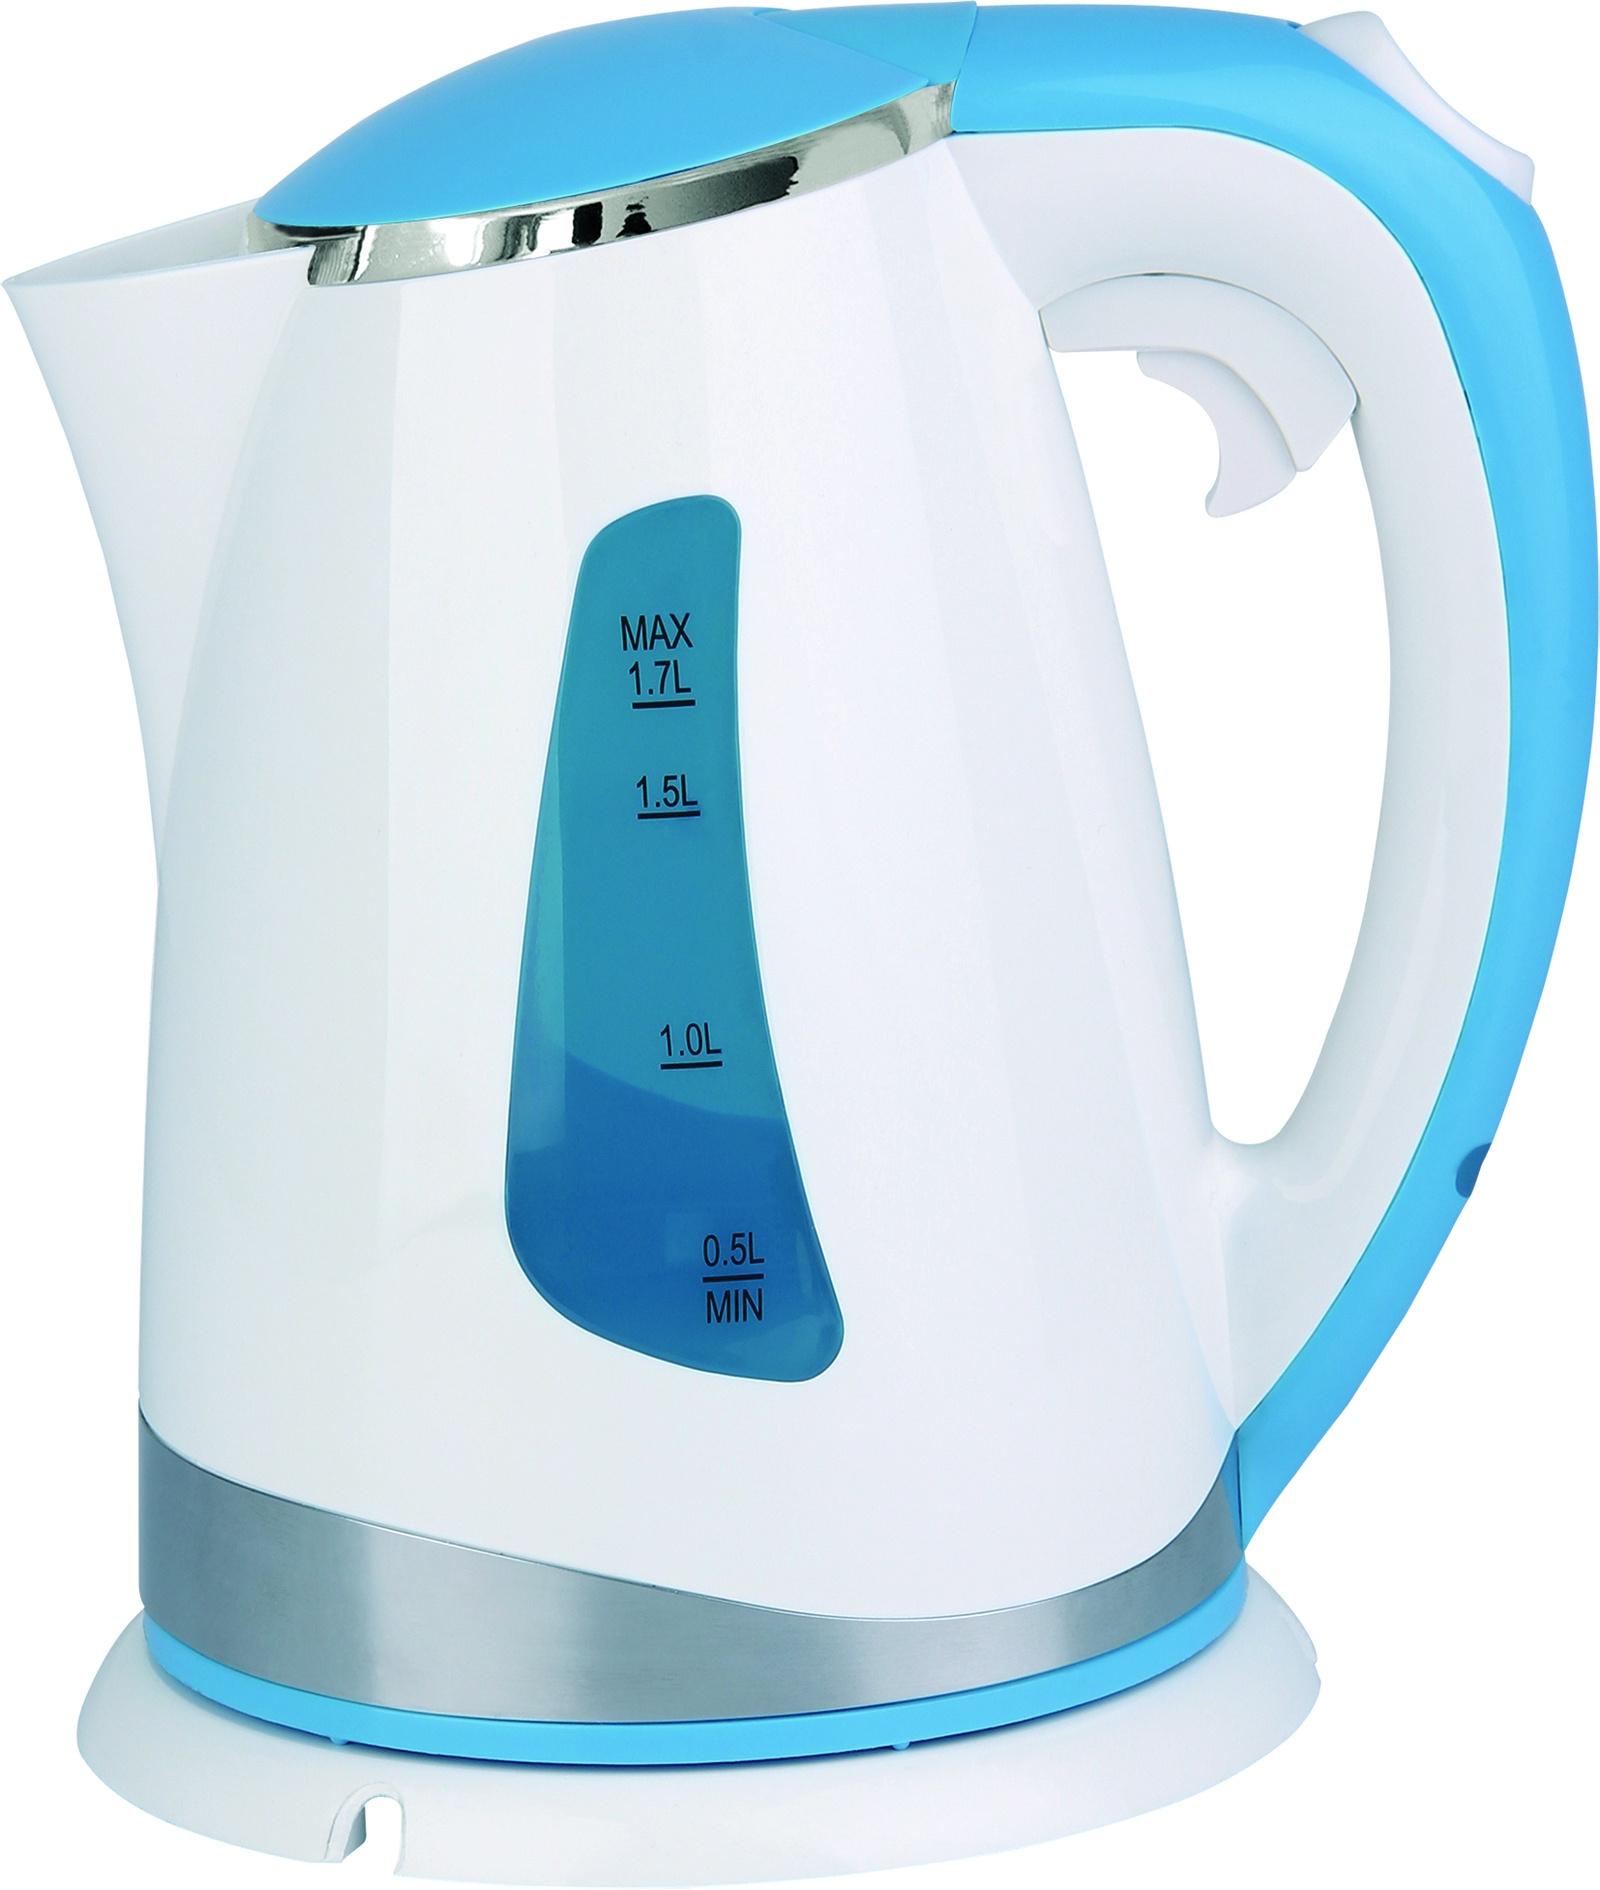 Электрический чайник Mercury Haus MC-6721, белый электрический чайник mercury haus mercury mc 6621